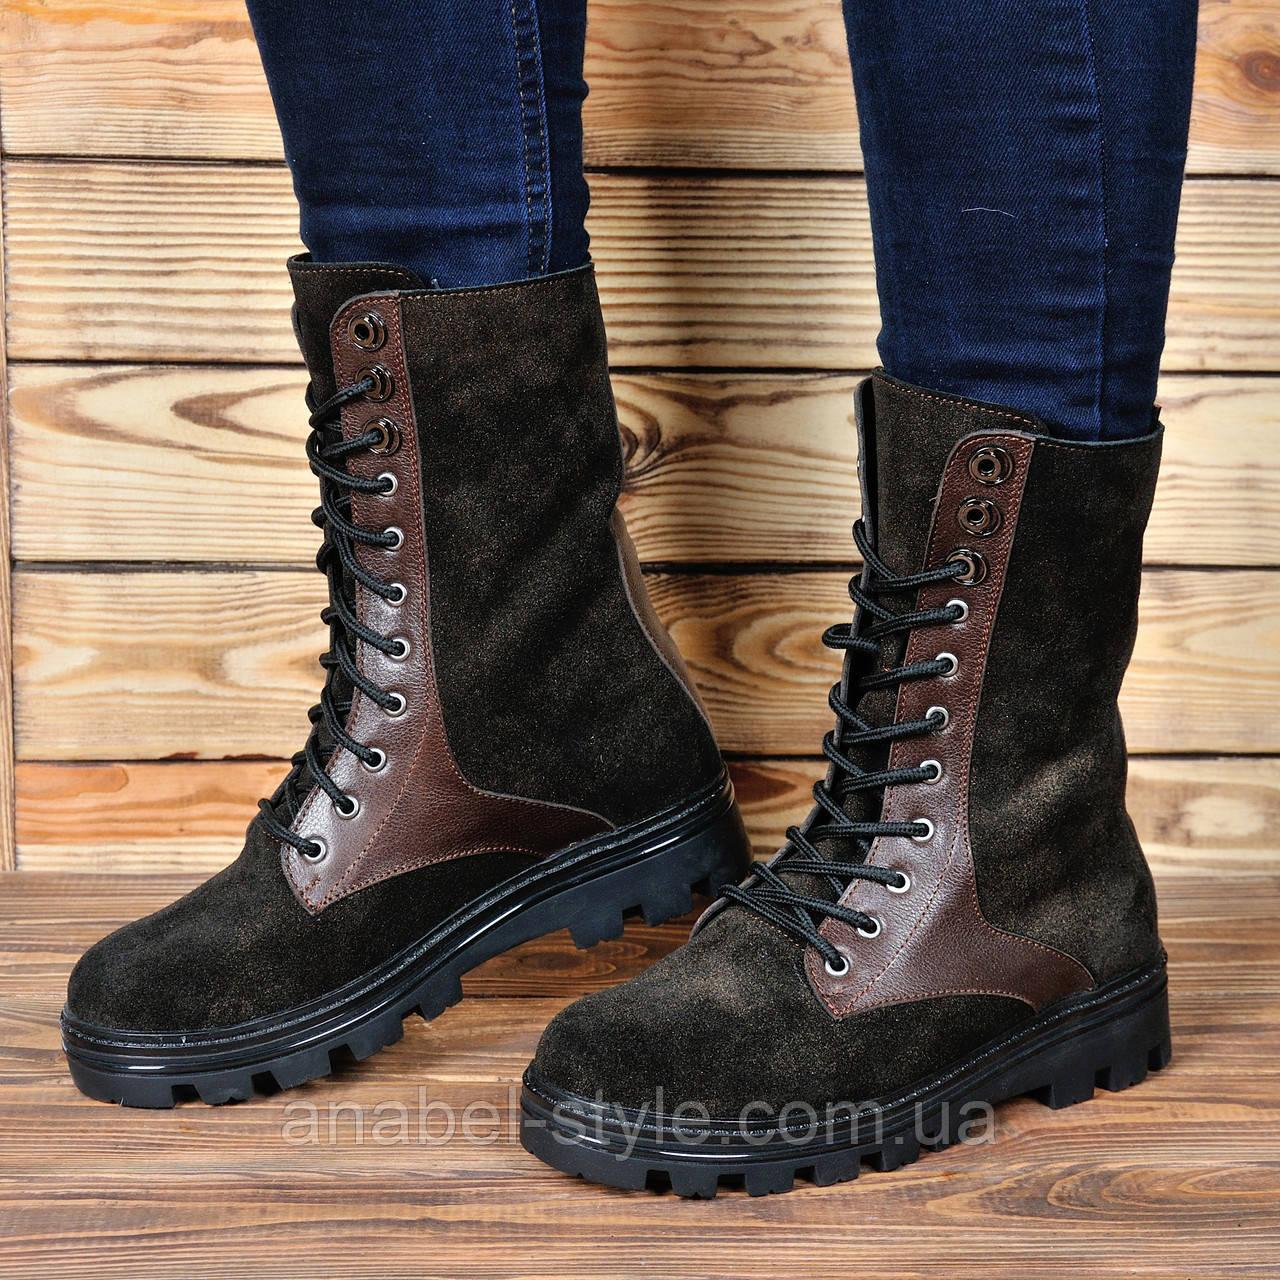 Берцы-ботинки женские из натуральной замши коричневого цвета шнуровка до верха весна-осень Код 1802-AR